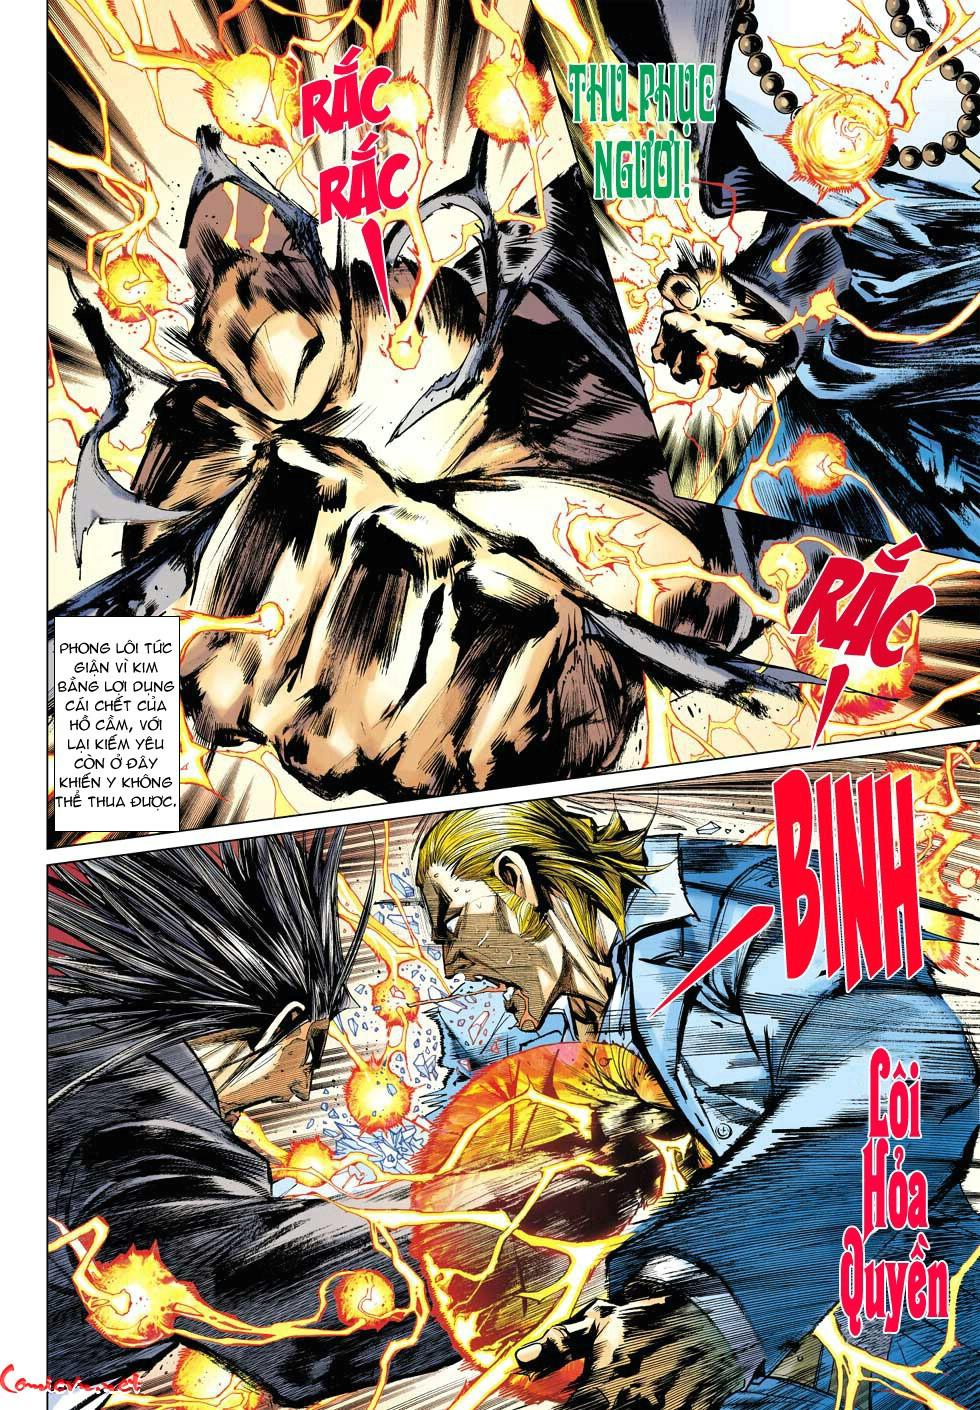 Vương Phong Lôi 1 chap 34 - Trang 8